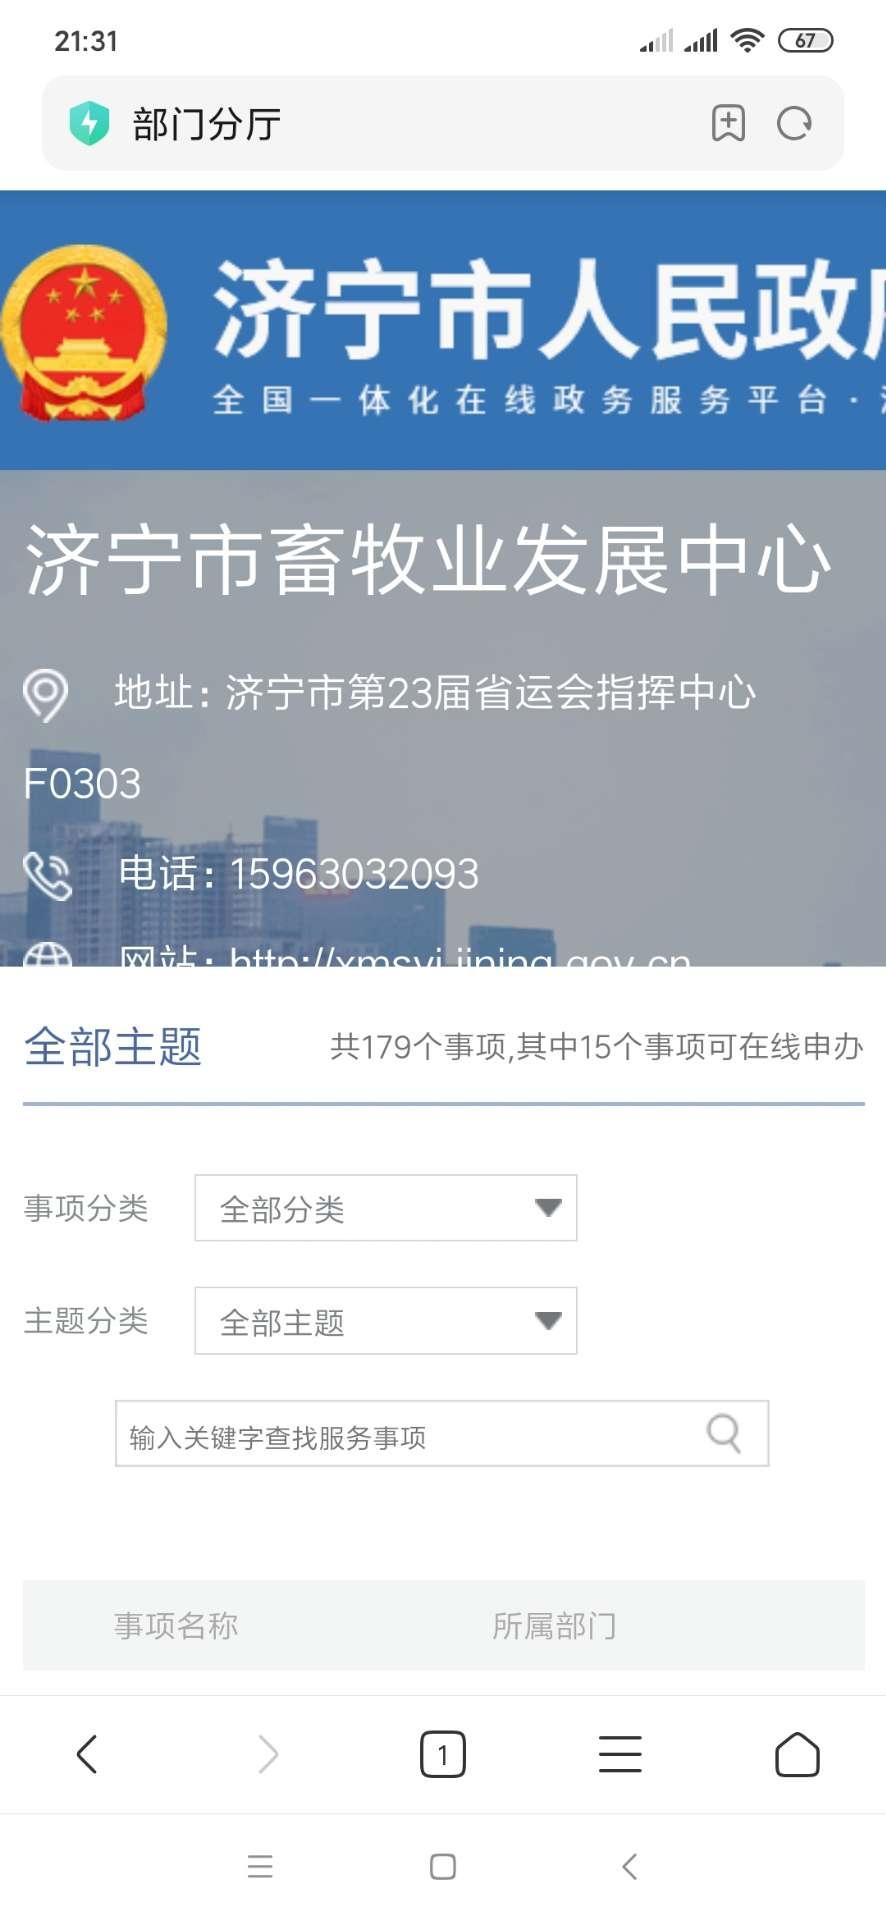 front2_0_632310_Fi-BBqRXMtM2caxIuEQt32M2EcV6.1634218431_21_33_51.jpg